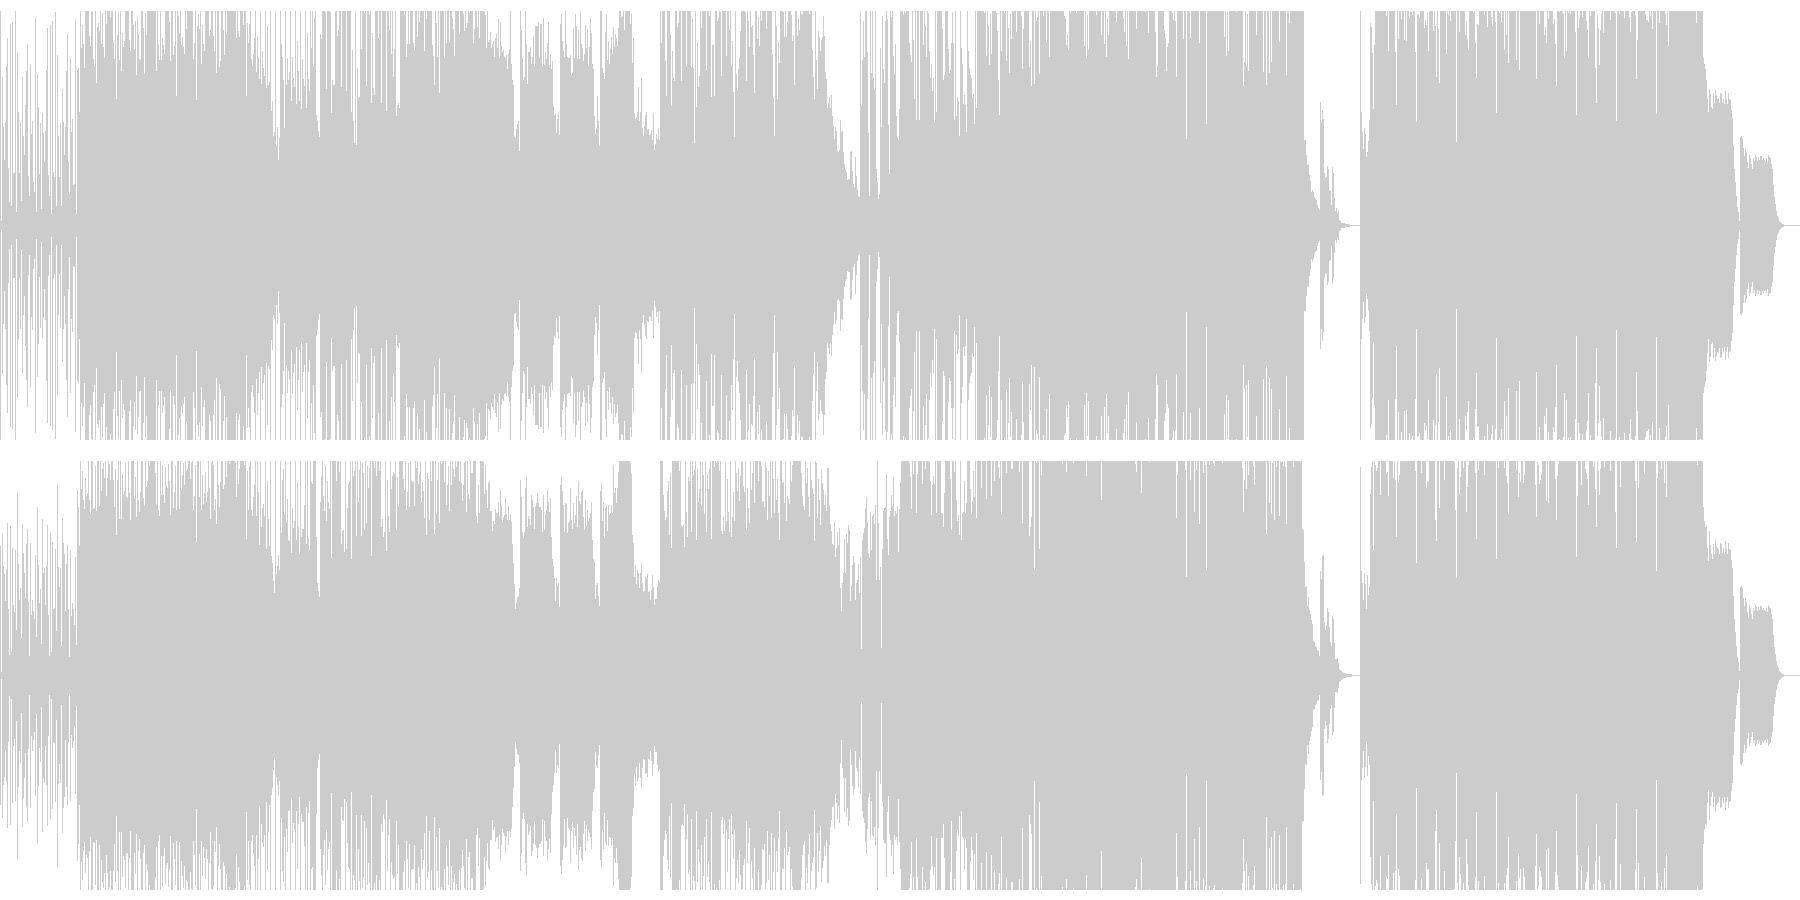 躍動感、疾走感のファンクなBGMの未再生の波形